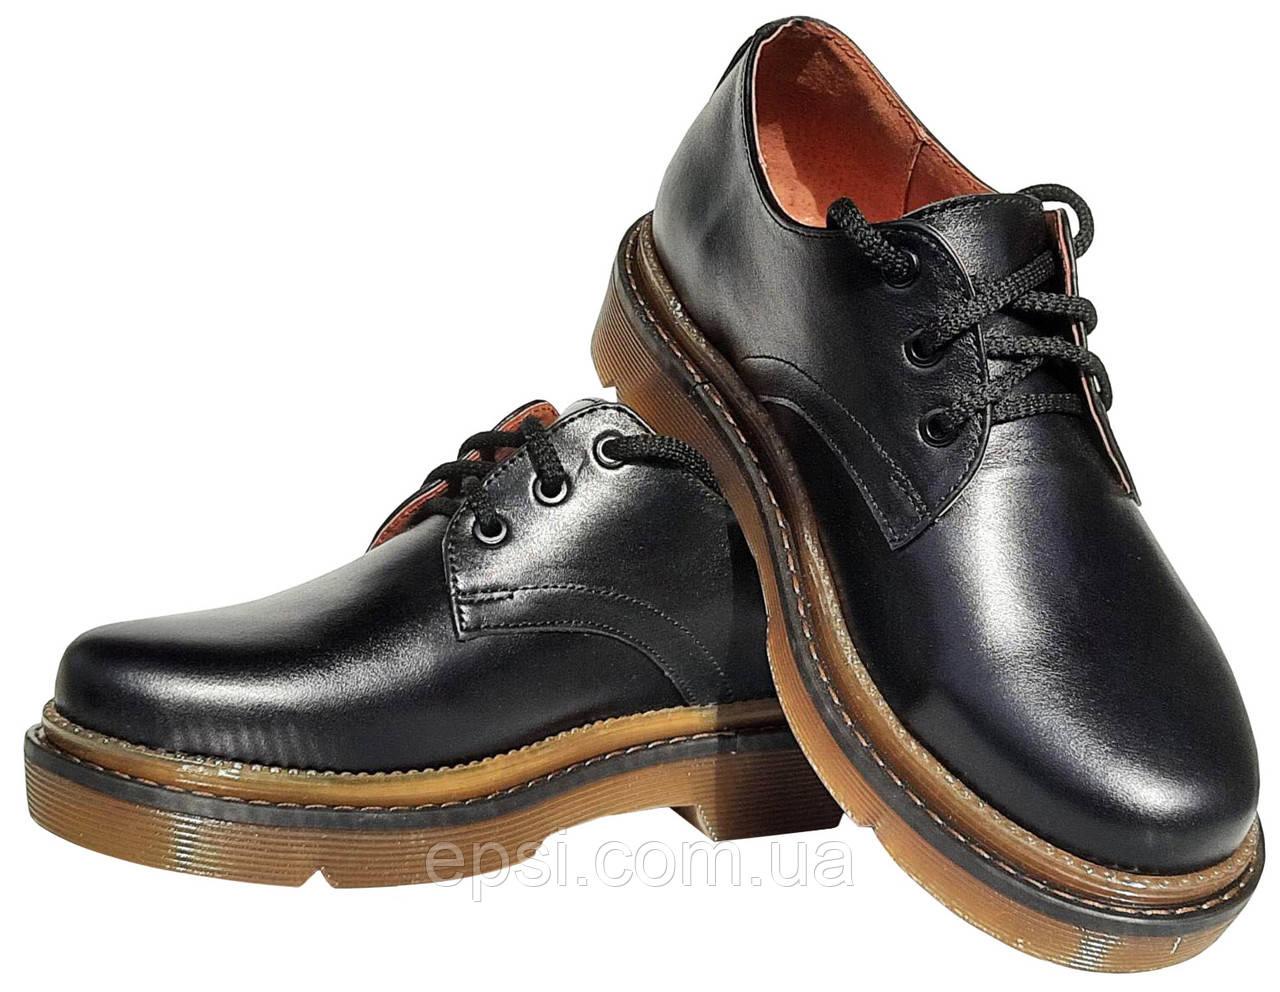 Женские кожаные туфли мартинс Kurag 1-010-39 черные 39